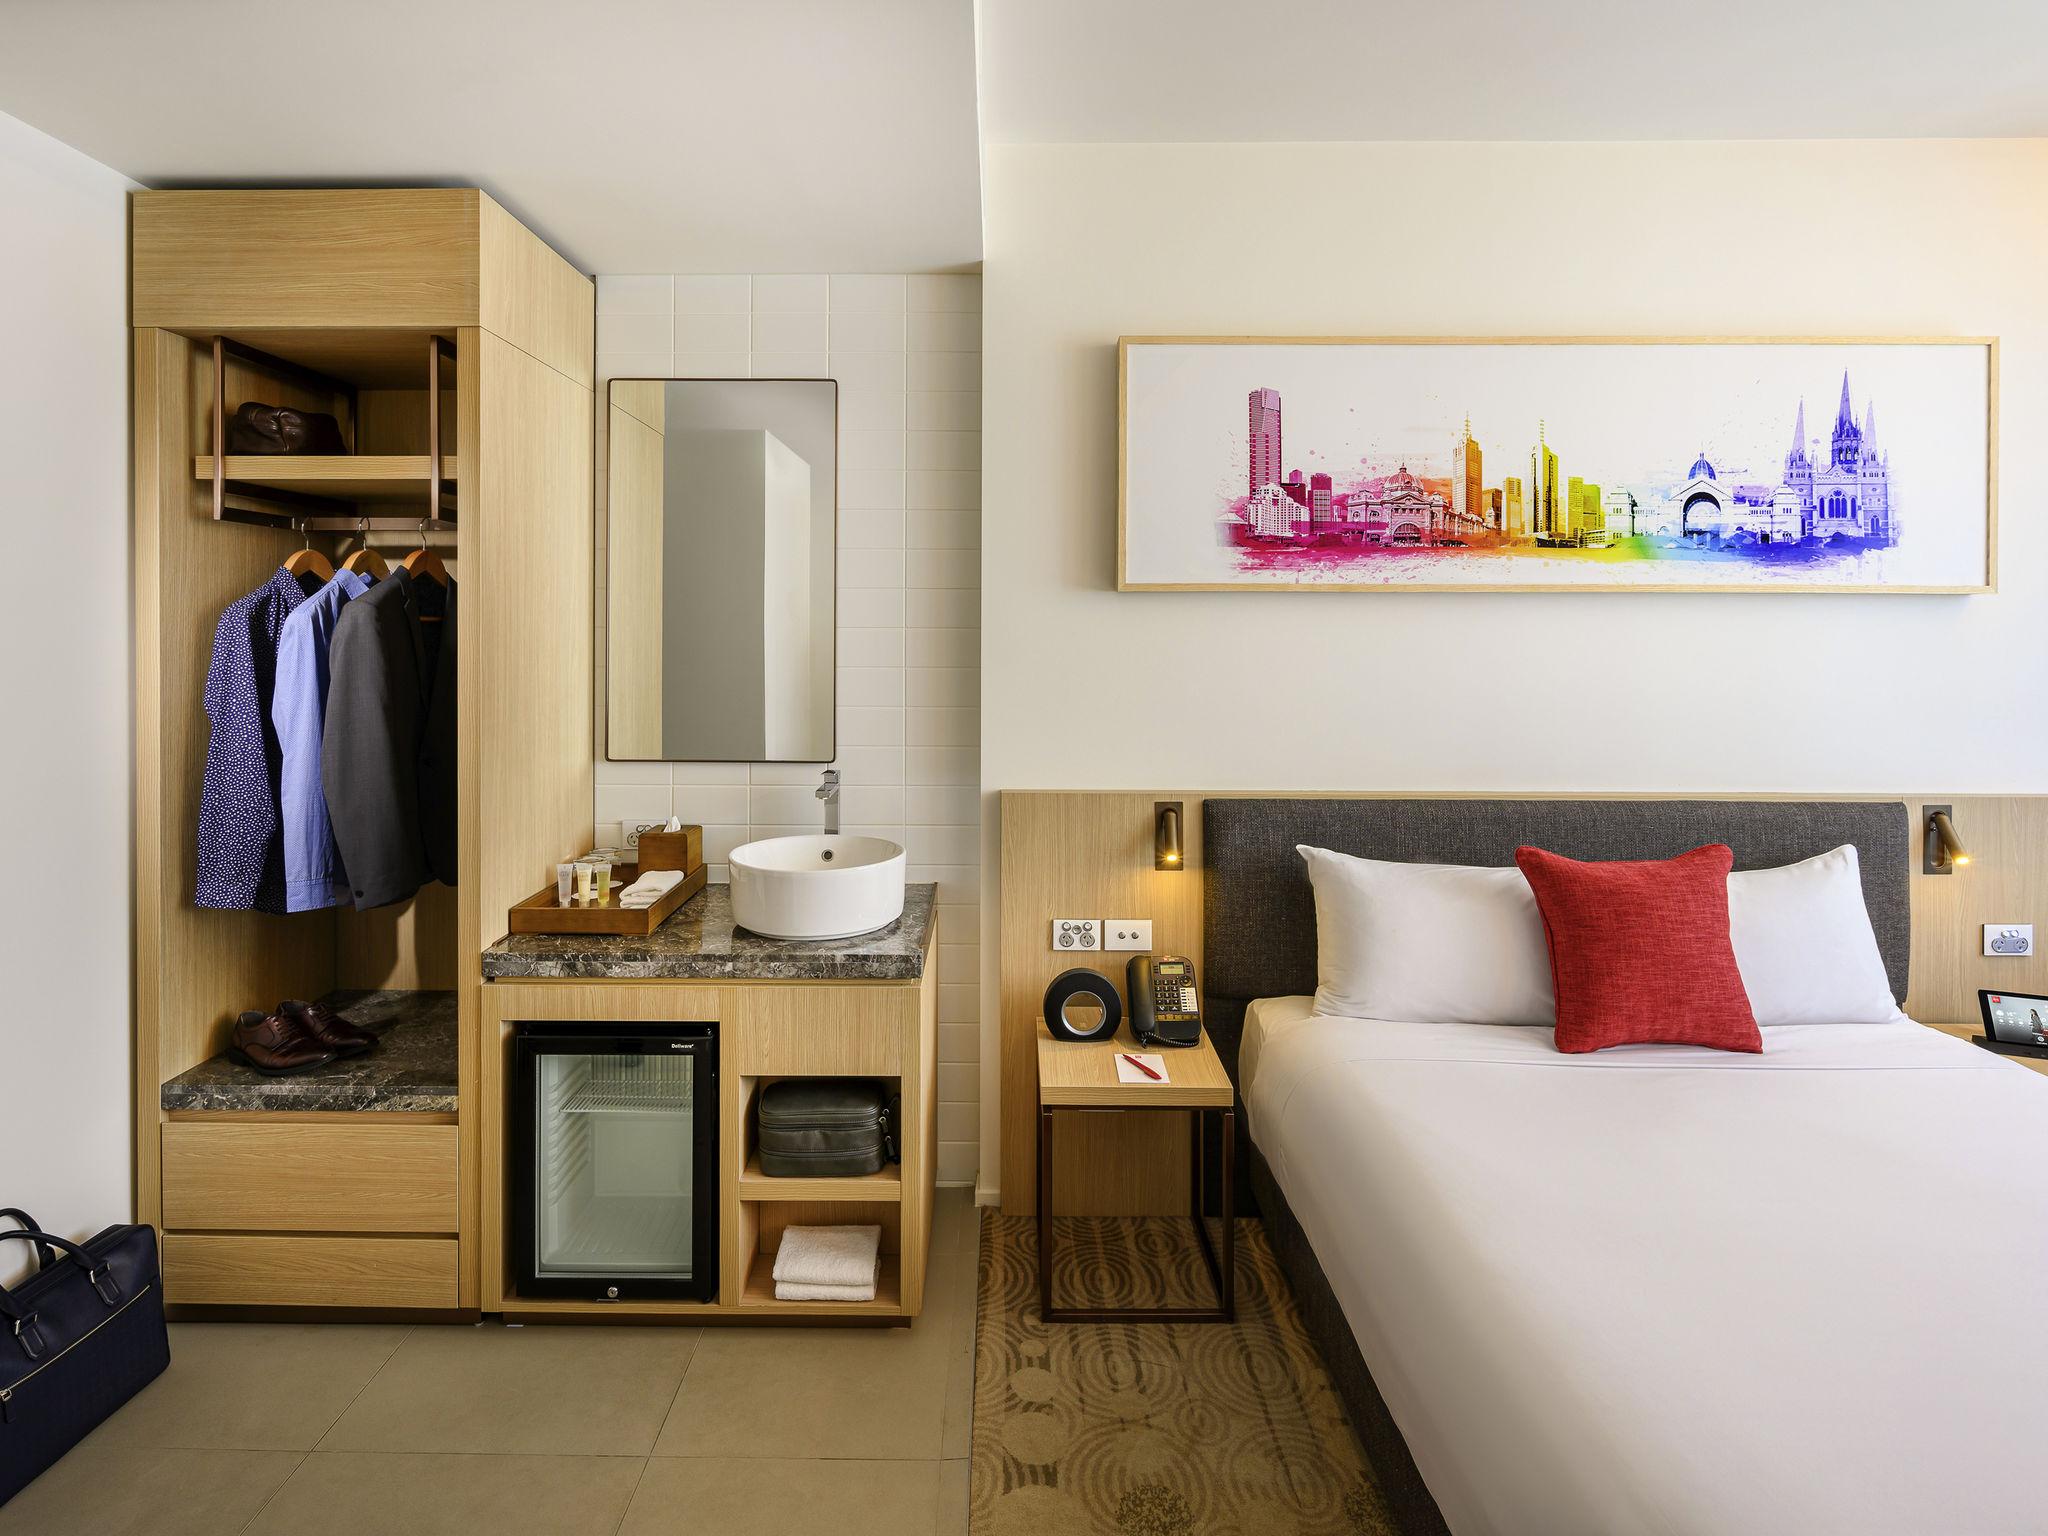 โรงแรม – ไอบิส เมลเบิร์น ลิตเติ้ล ลอนส์เดล สตรีท (เปิดพฤศจิกายน 2018)